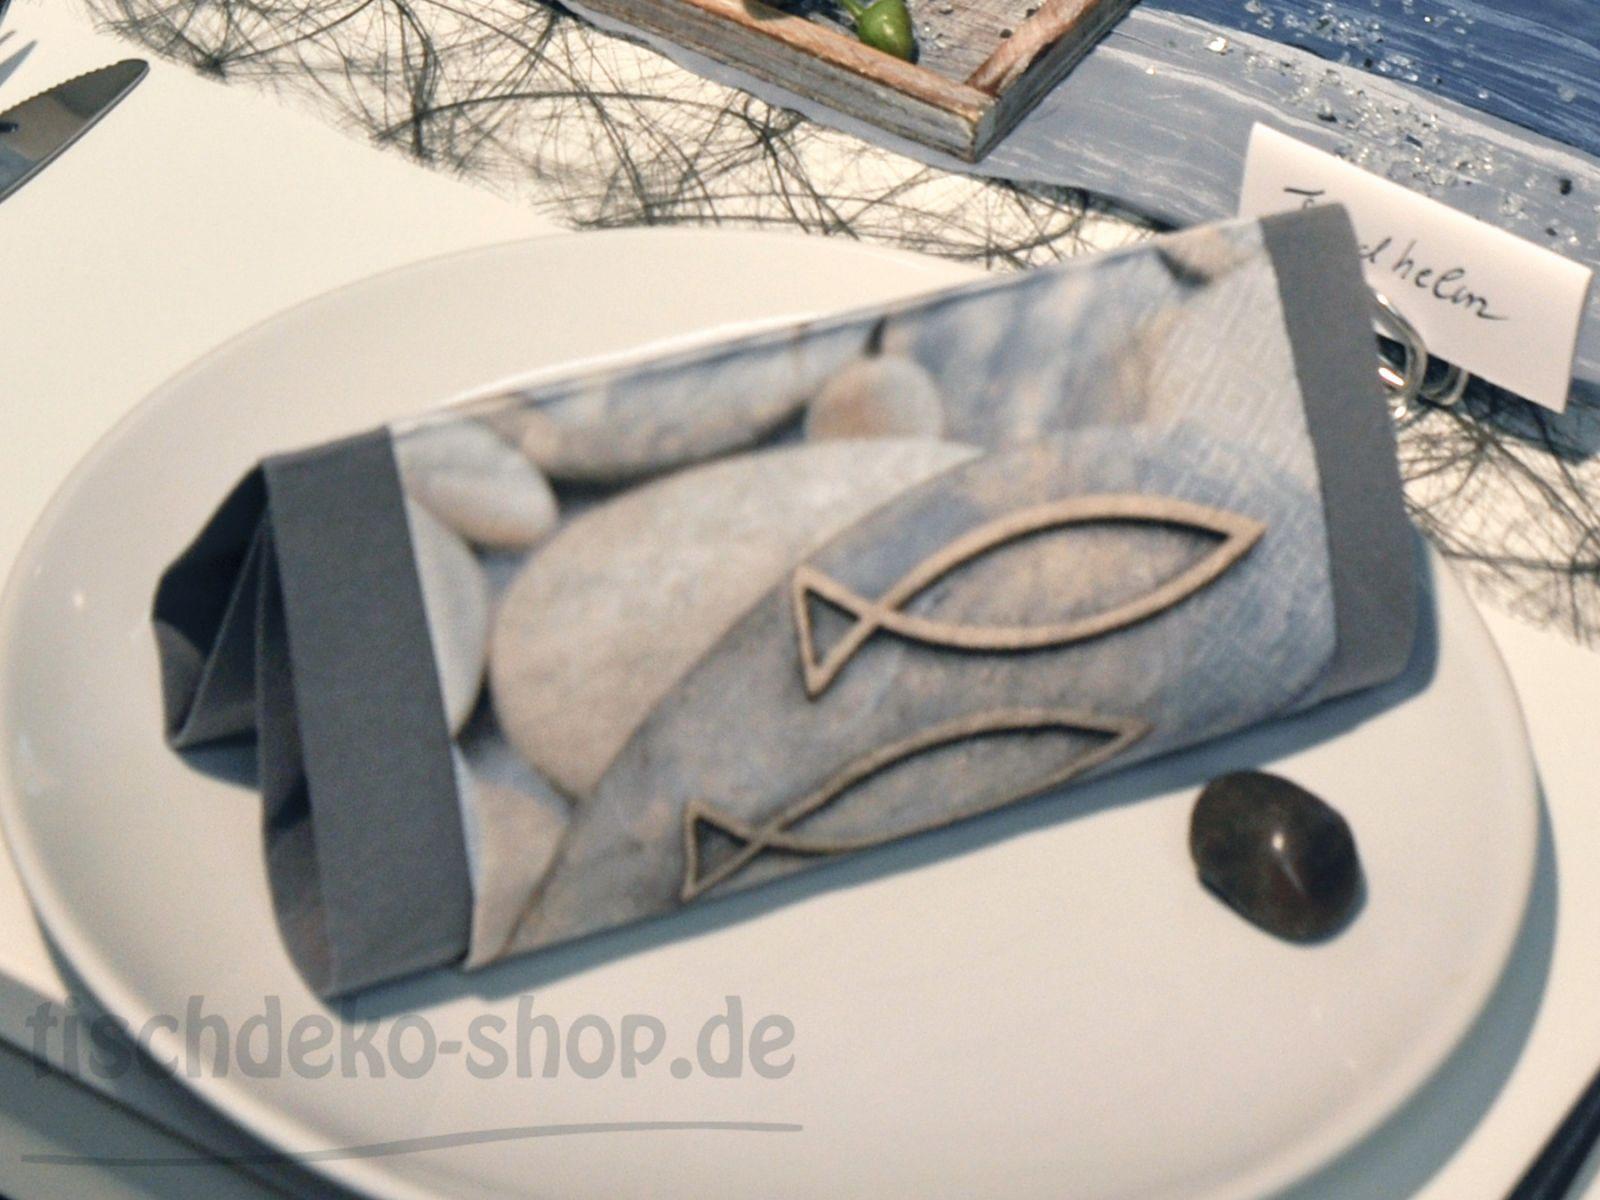 serviette kommunion fisch servietten pinterest kommunion servietten kommunion und. Black Bedroom Furniture Sets. Home Design Ideas